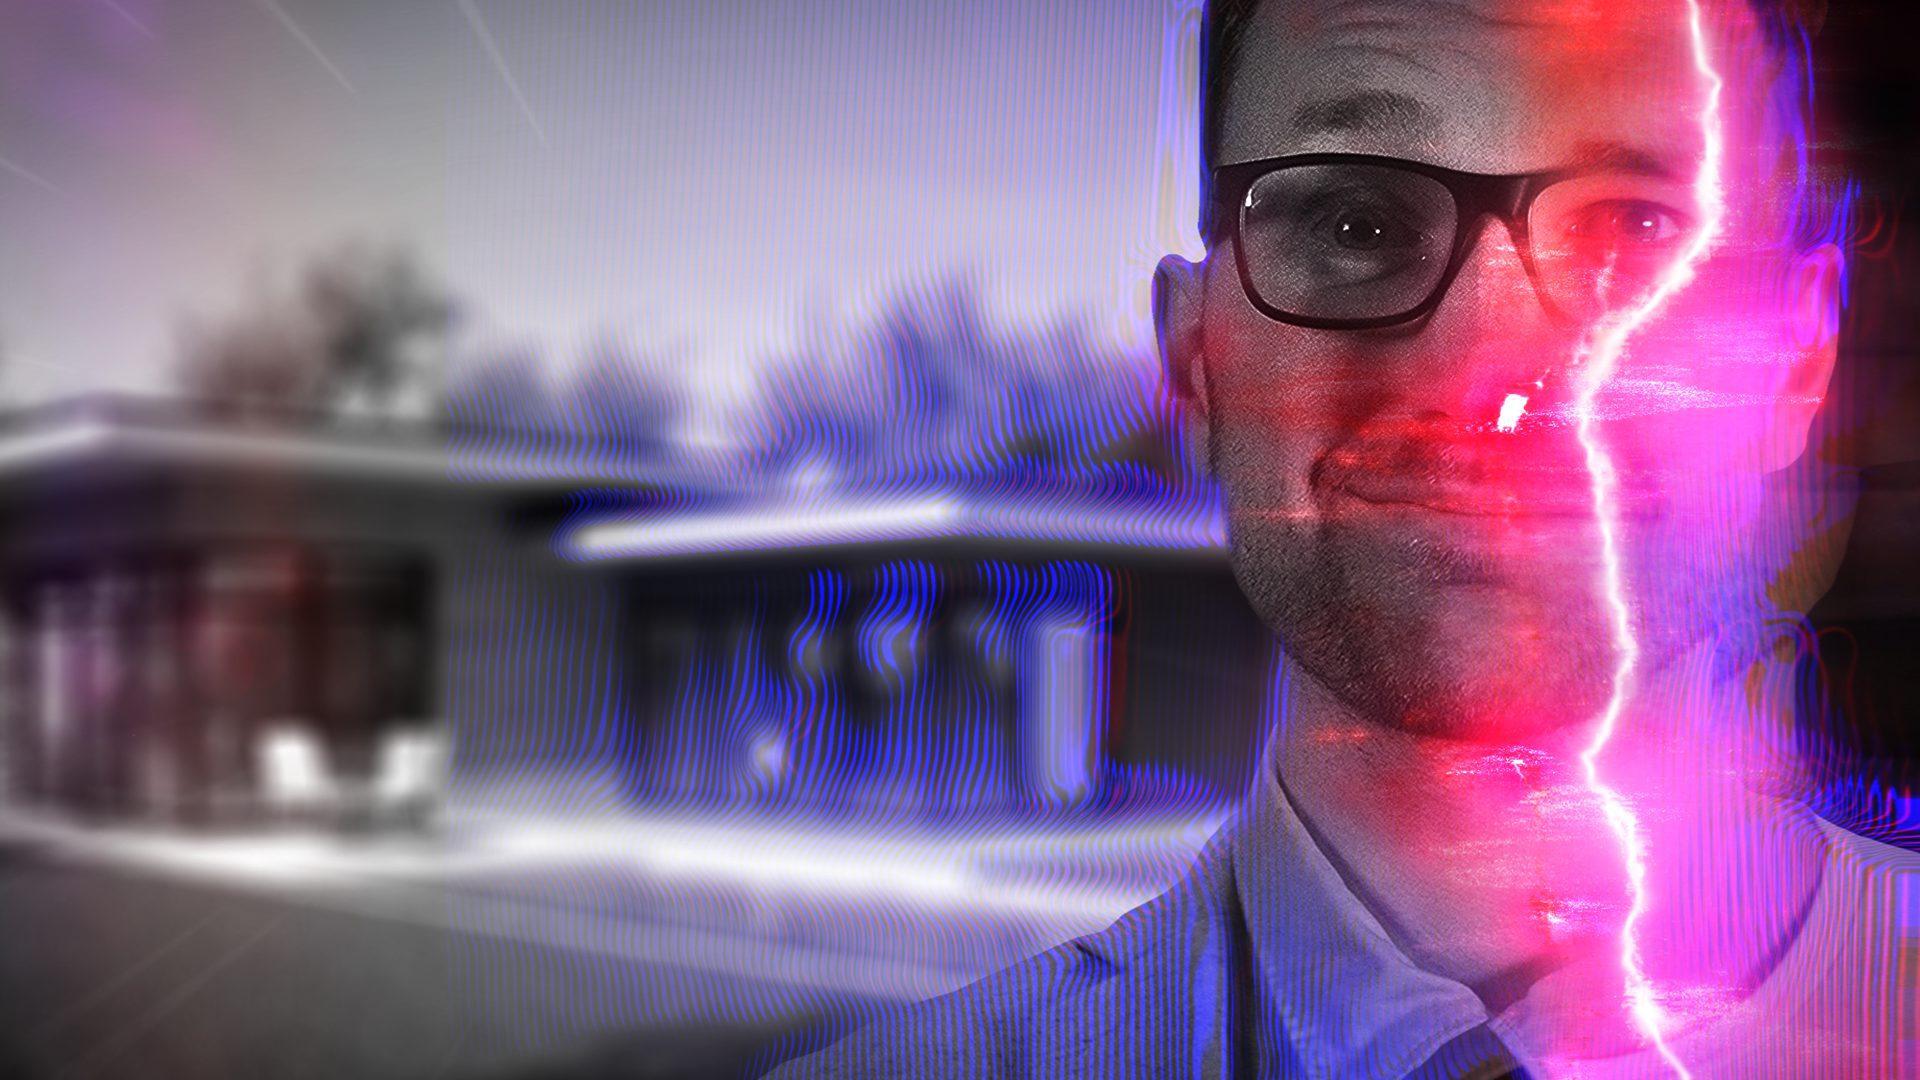 WandaVision-inspired reality transition glitch effect